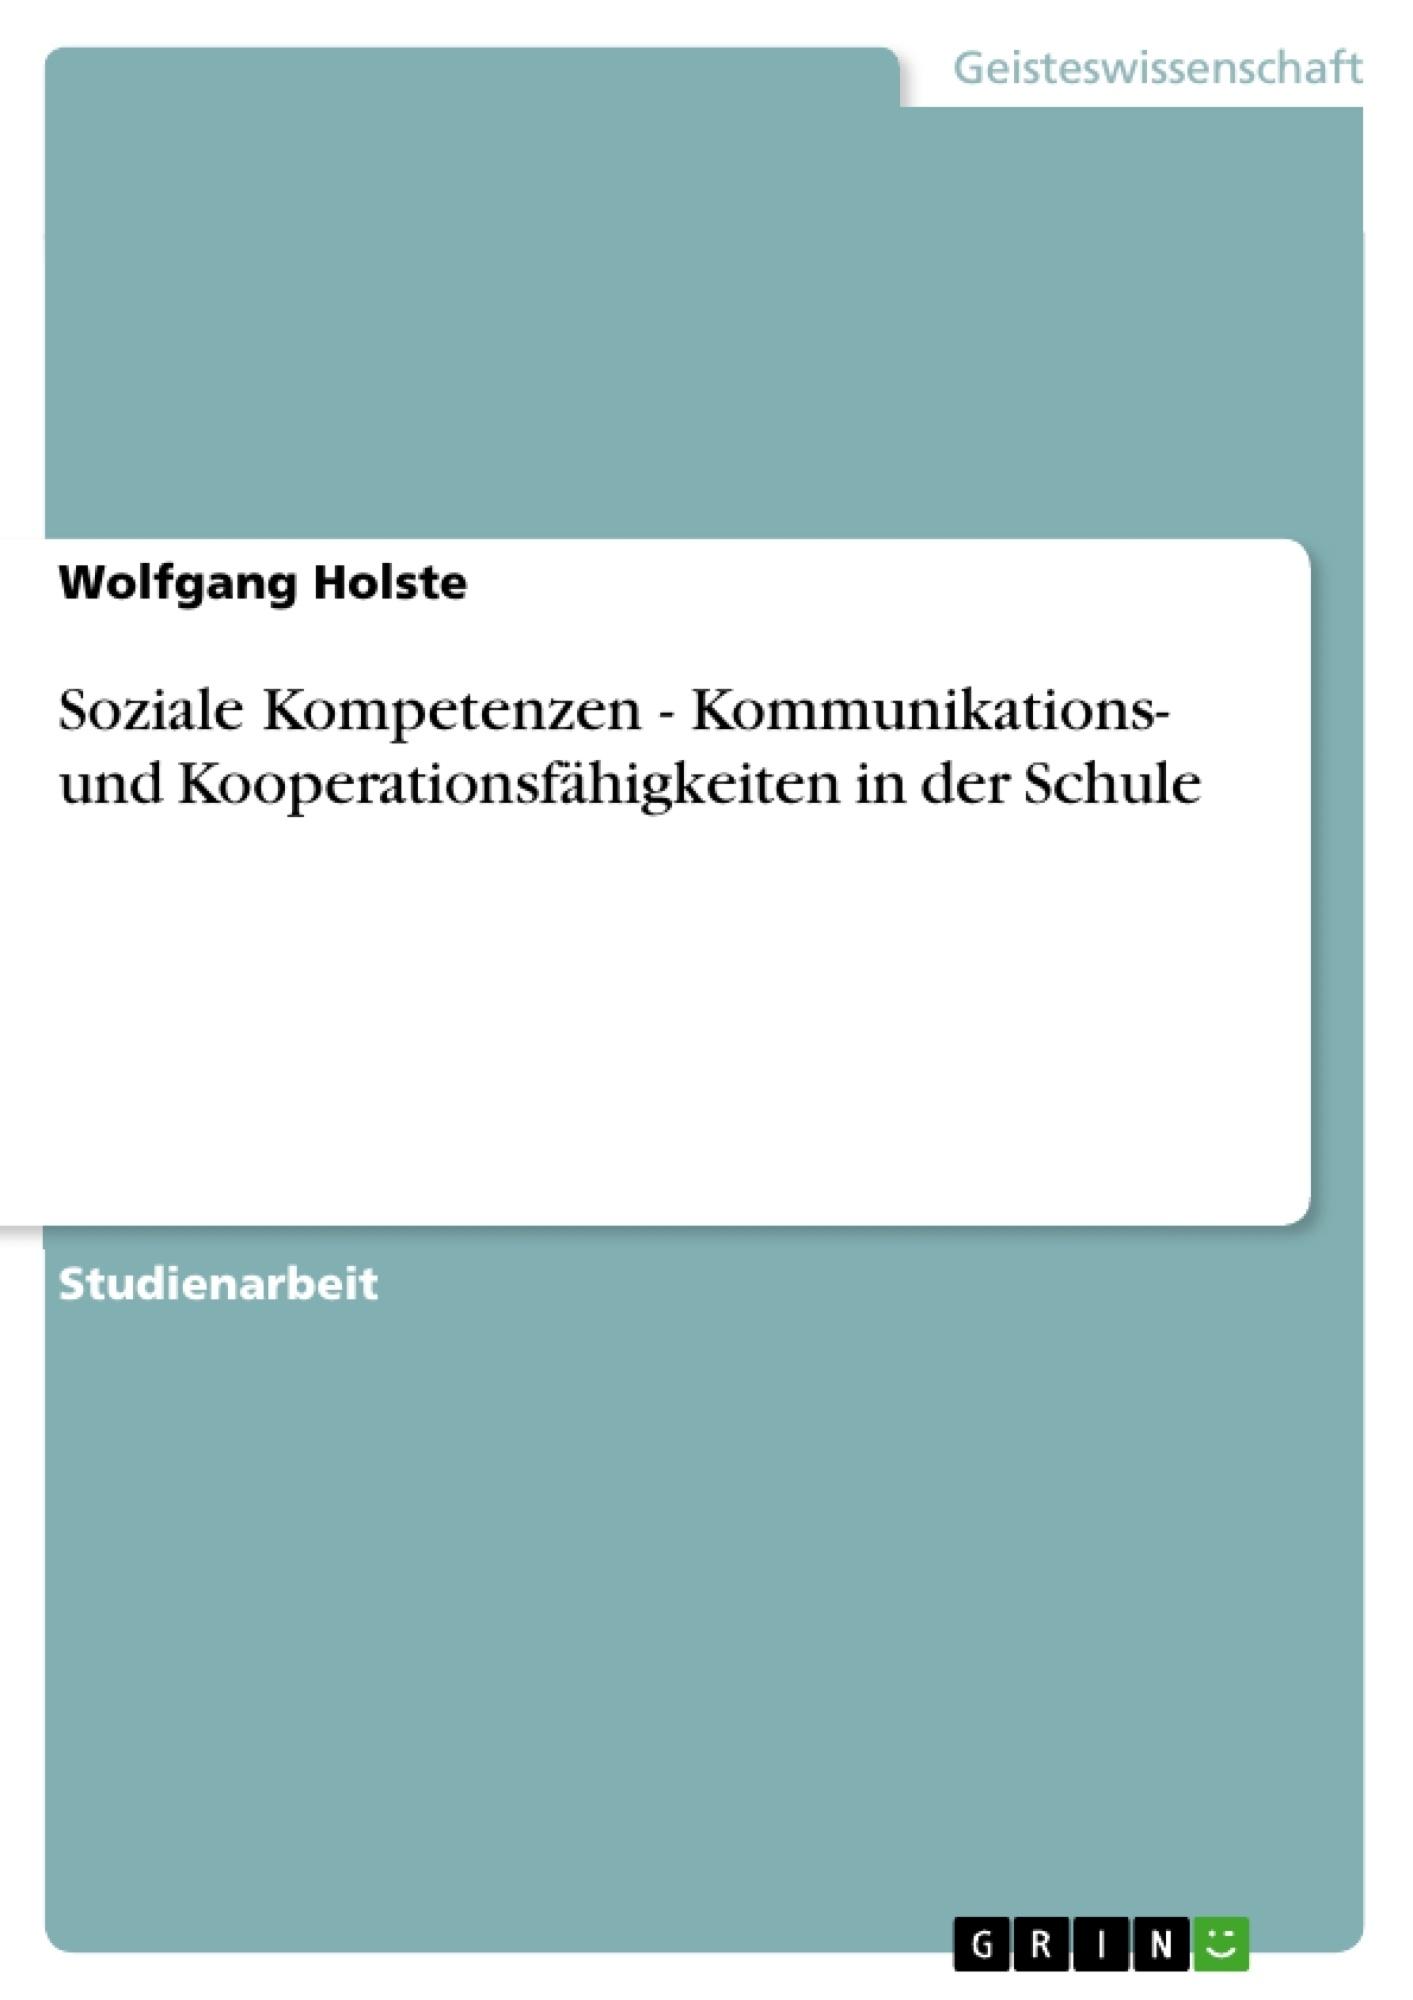 Titel: Soziale Kompetenzen - Kommunikations- und Kooperationsfähigkeiten in der Schule